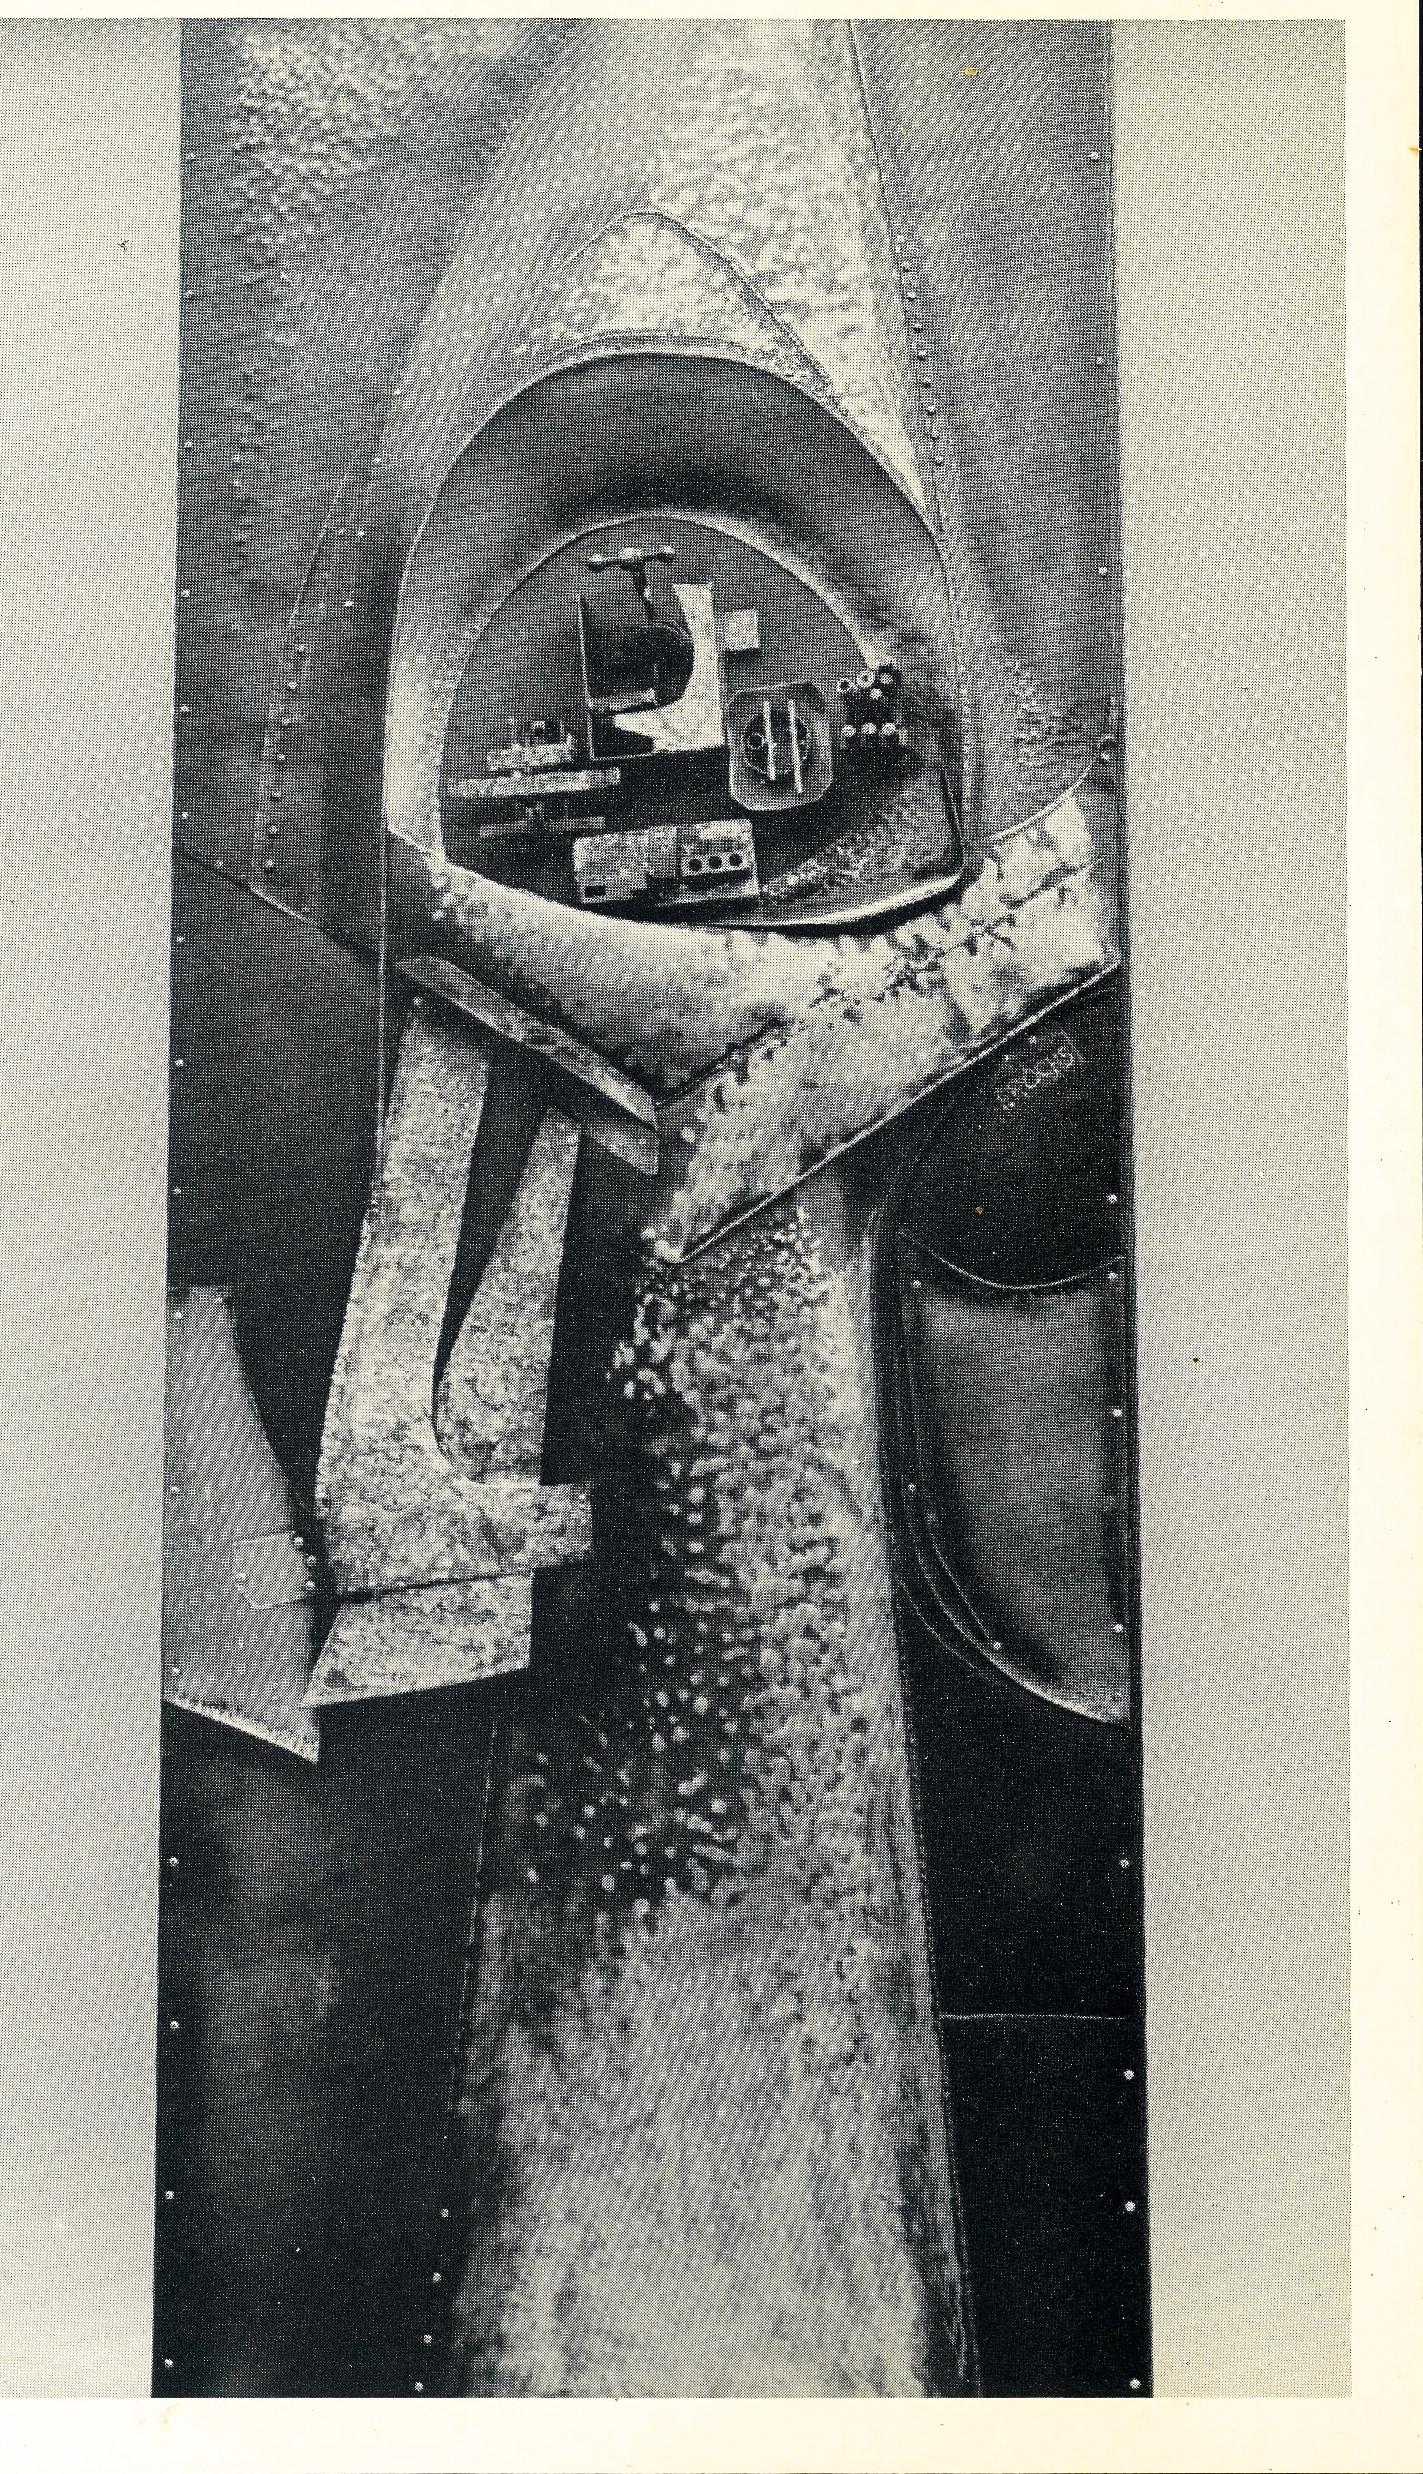 Stittgen Door Commission, 1965